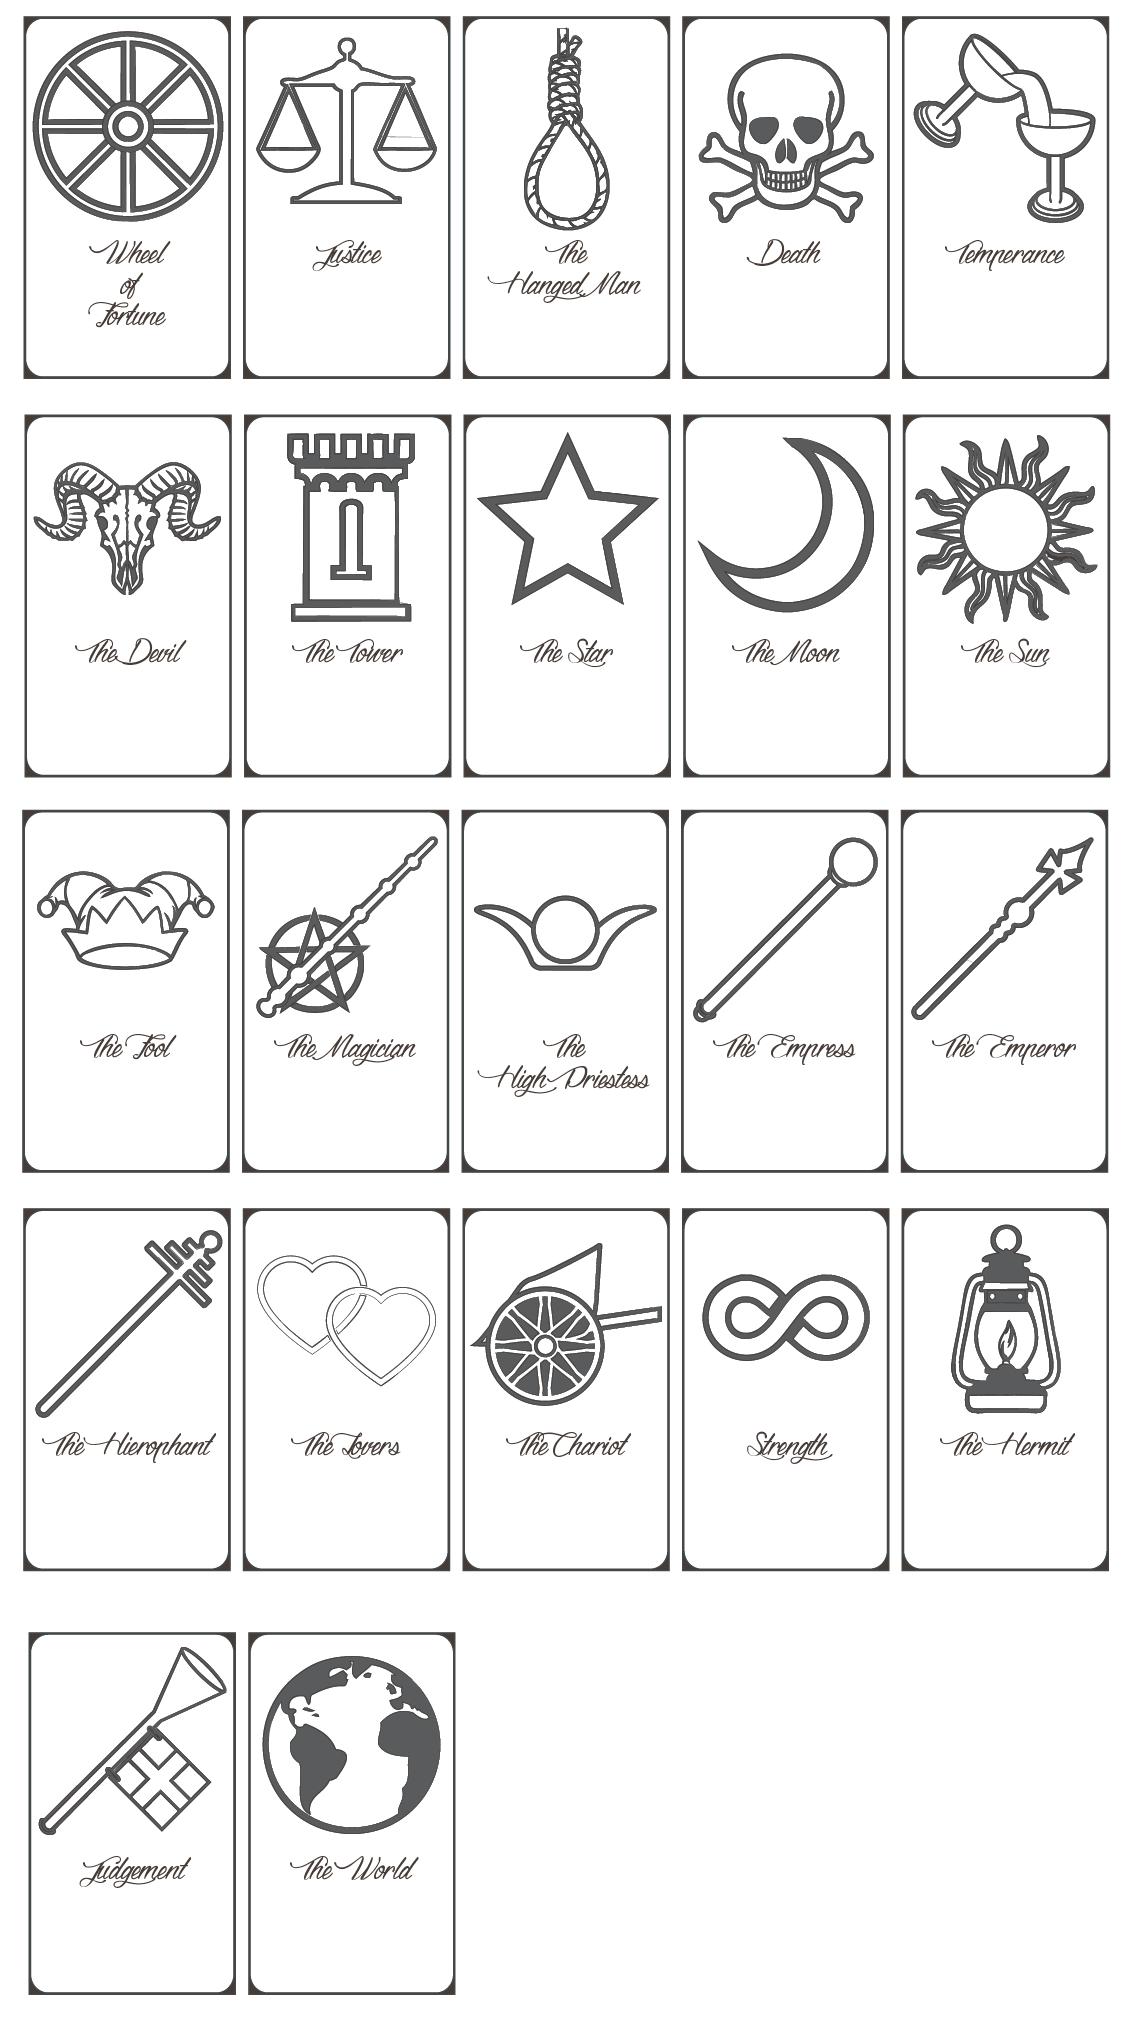 Free Printable Tarot Cards Pdf - Printable Cards - Printable Tarot Cards Pdf Free